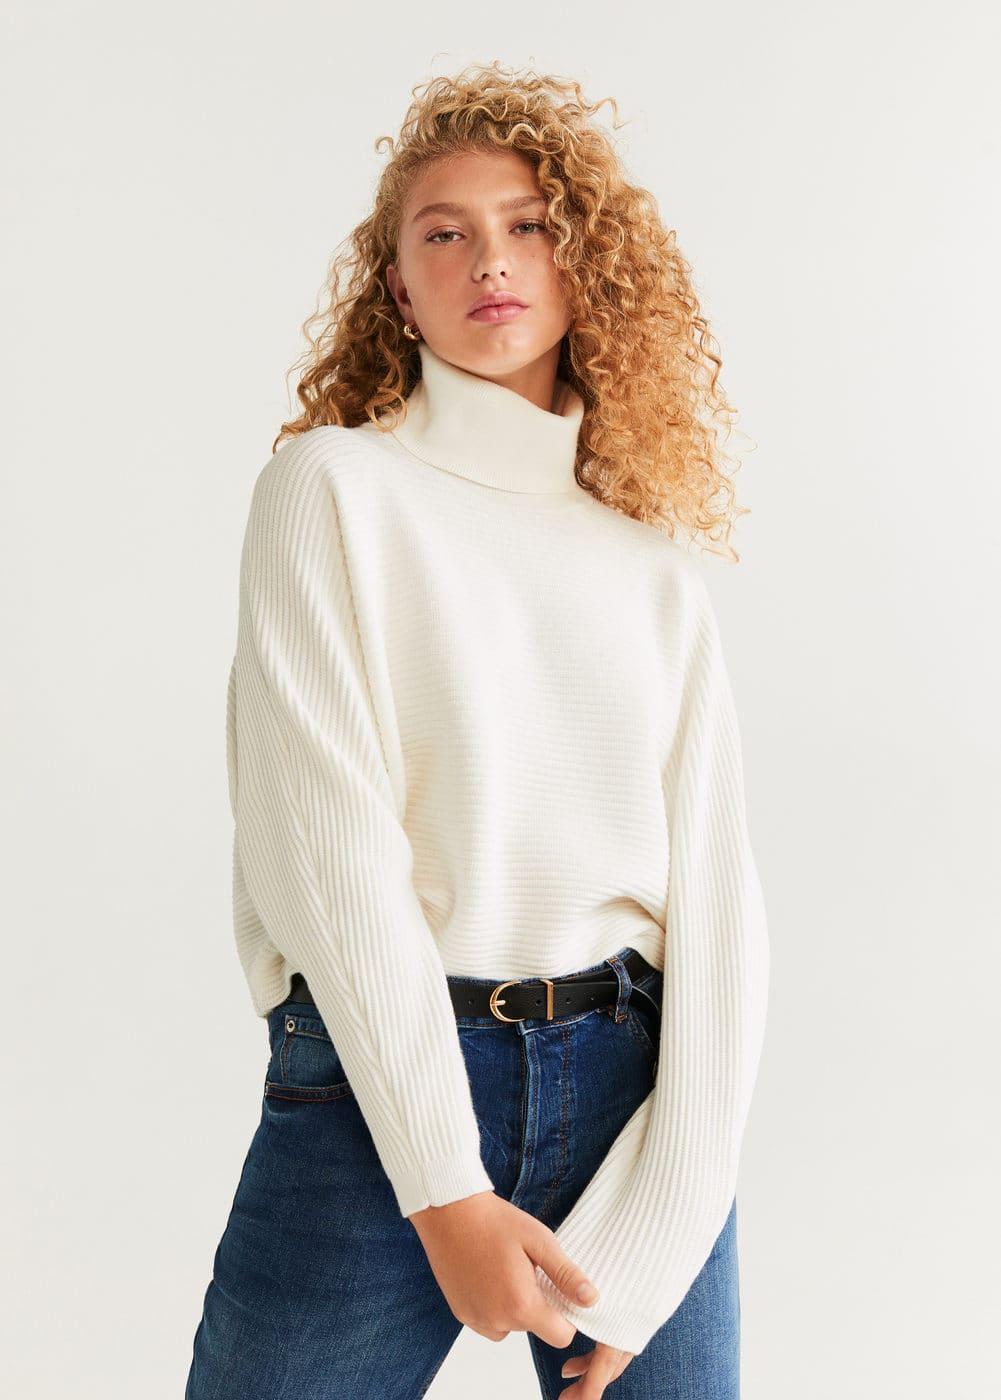 m-caravanc:jersey cuello alto estructura